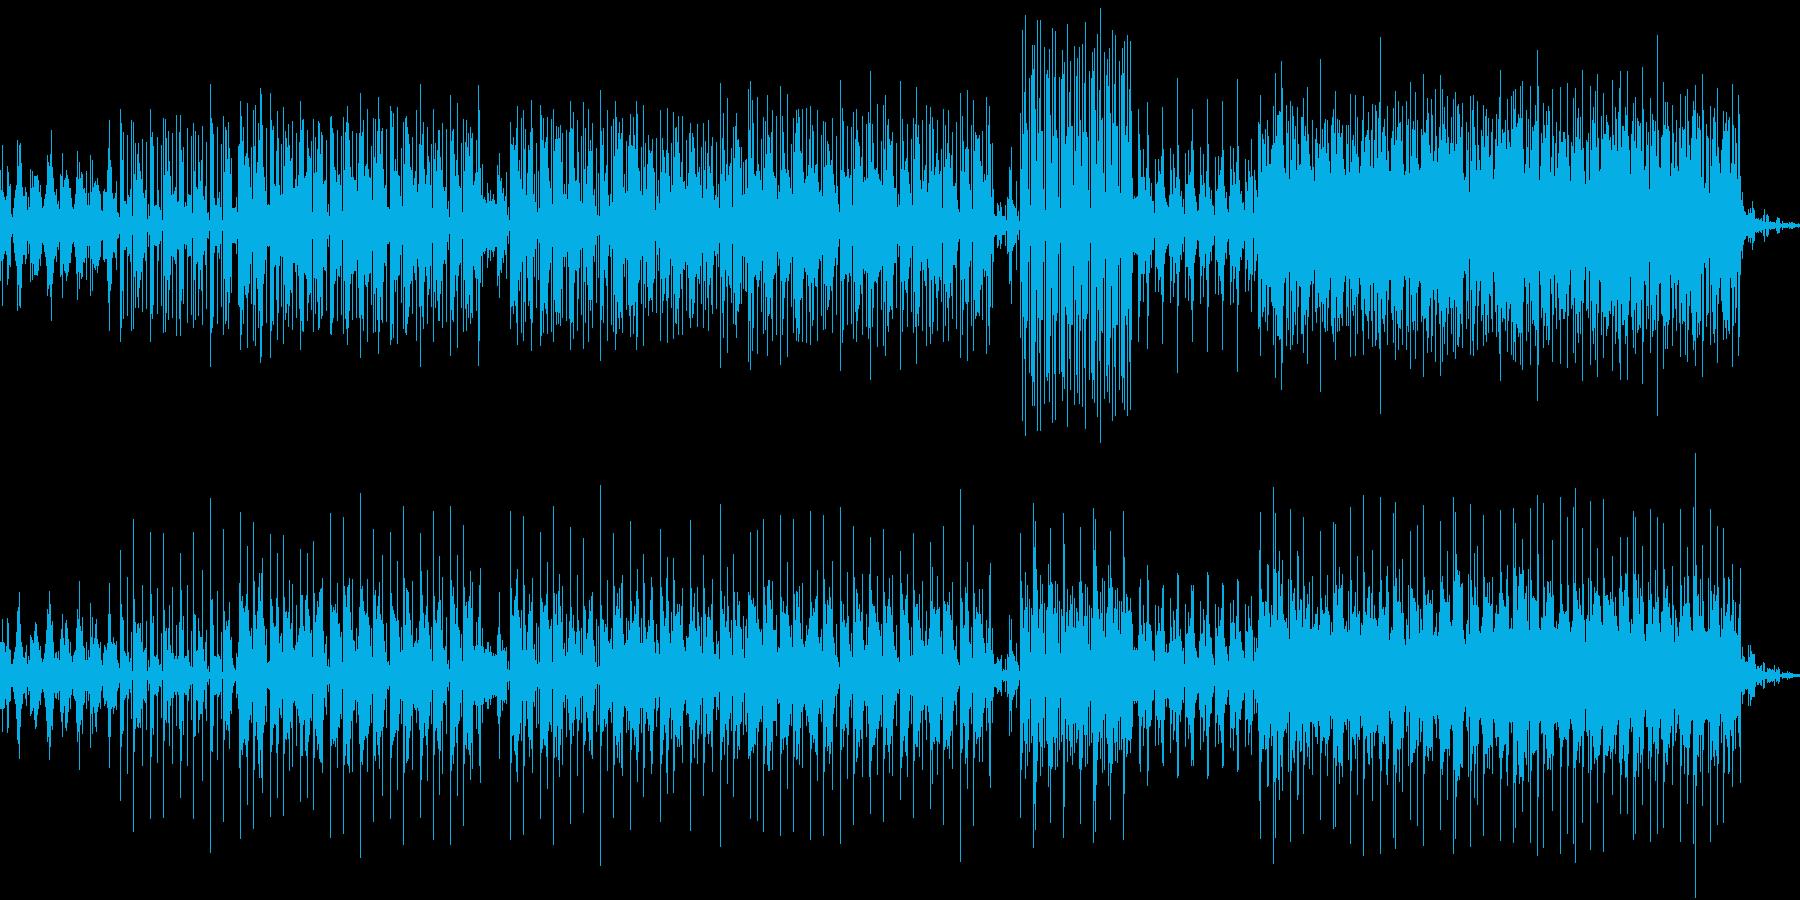 ダウンテンポのとリップホップですの再生済みの波形